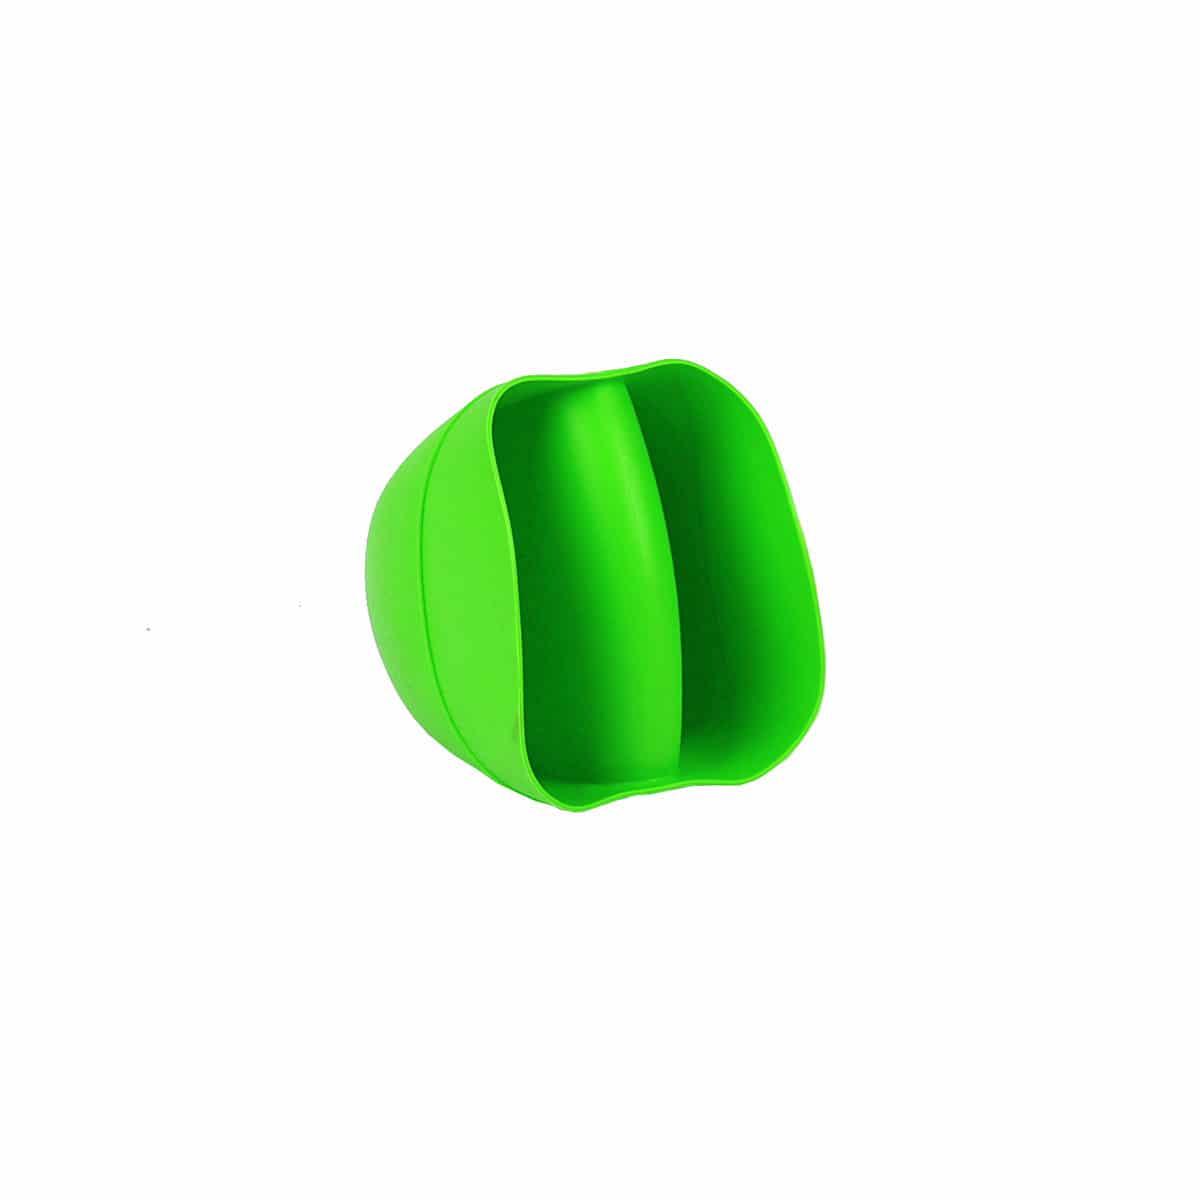 70121_4-thermomonotiki-lavi-silikonis-prasino-akamatra-b